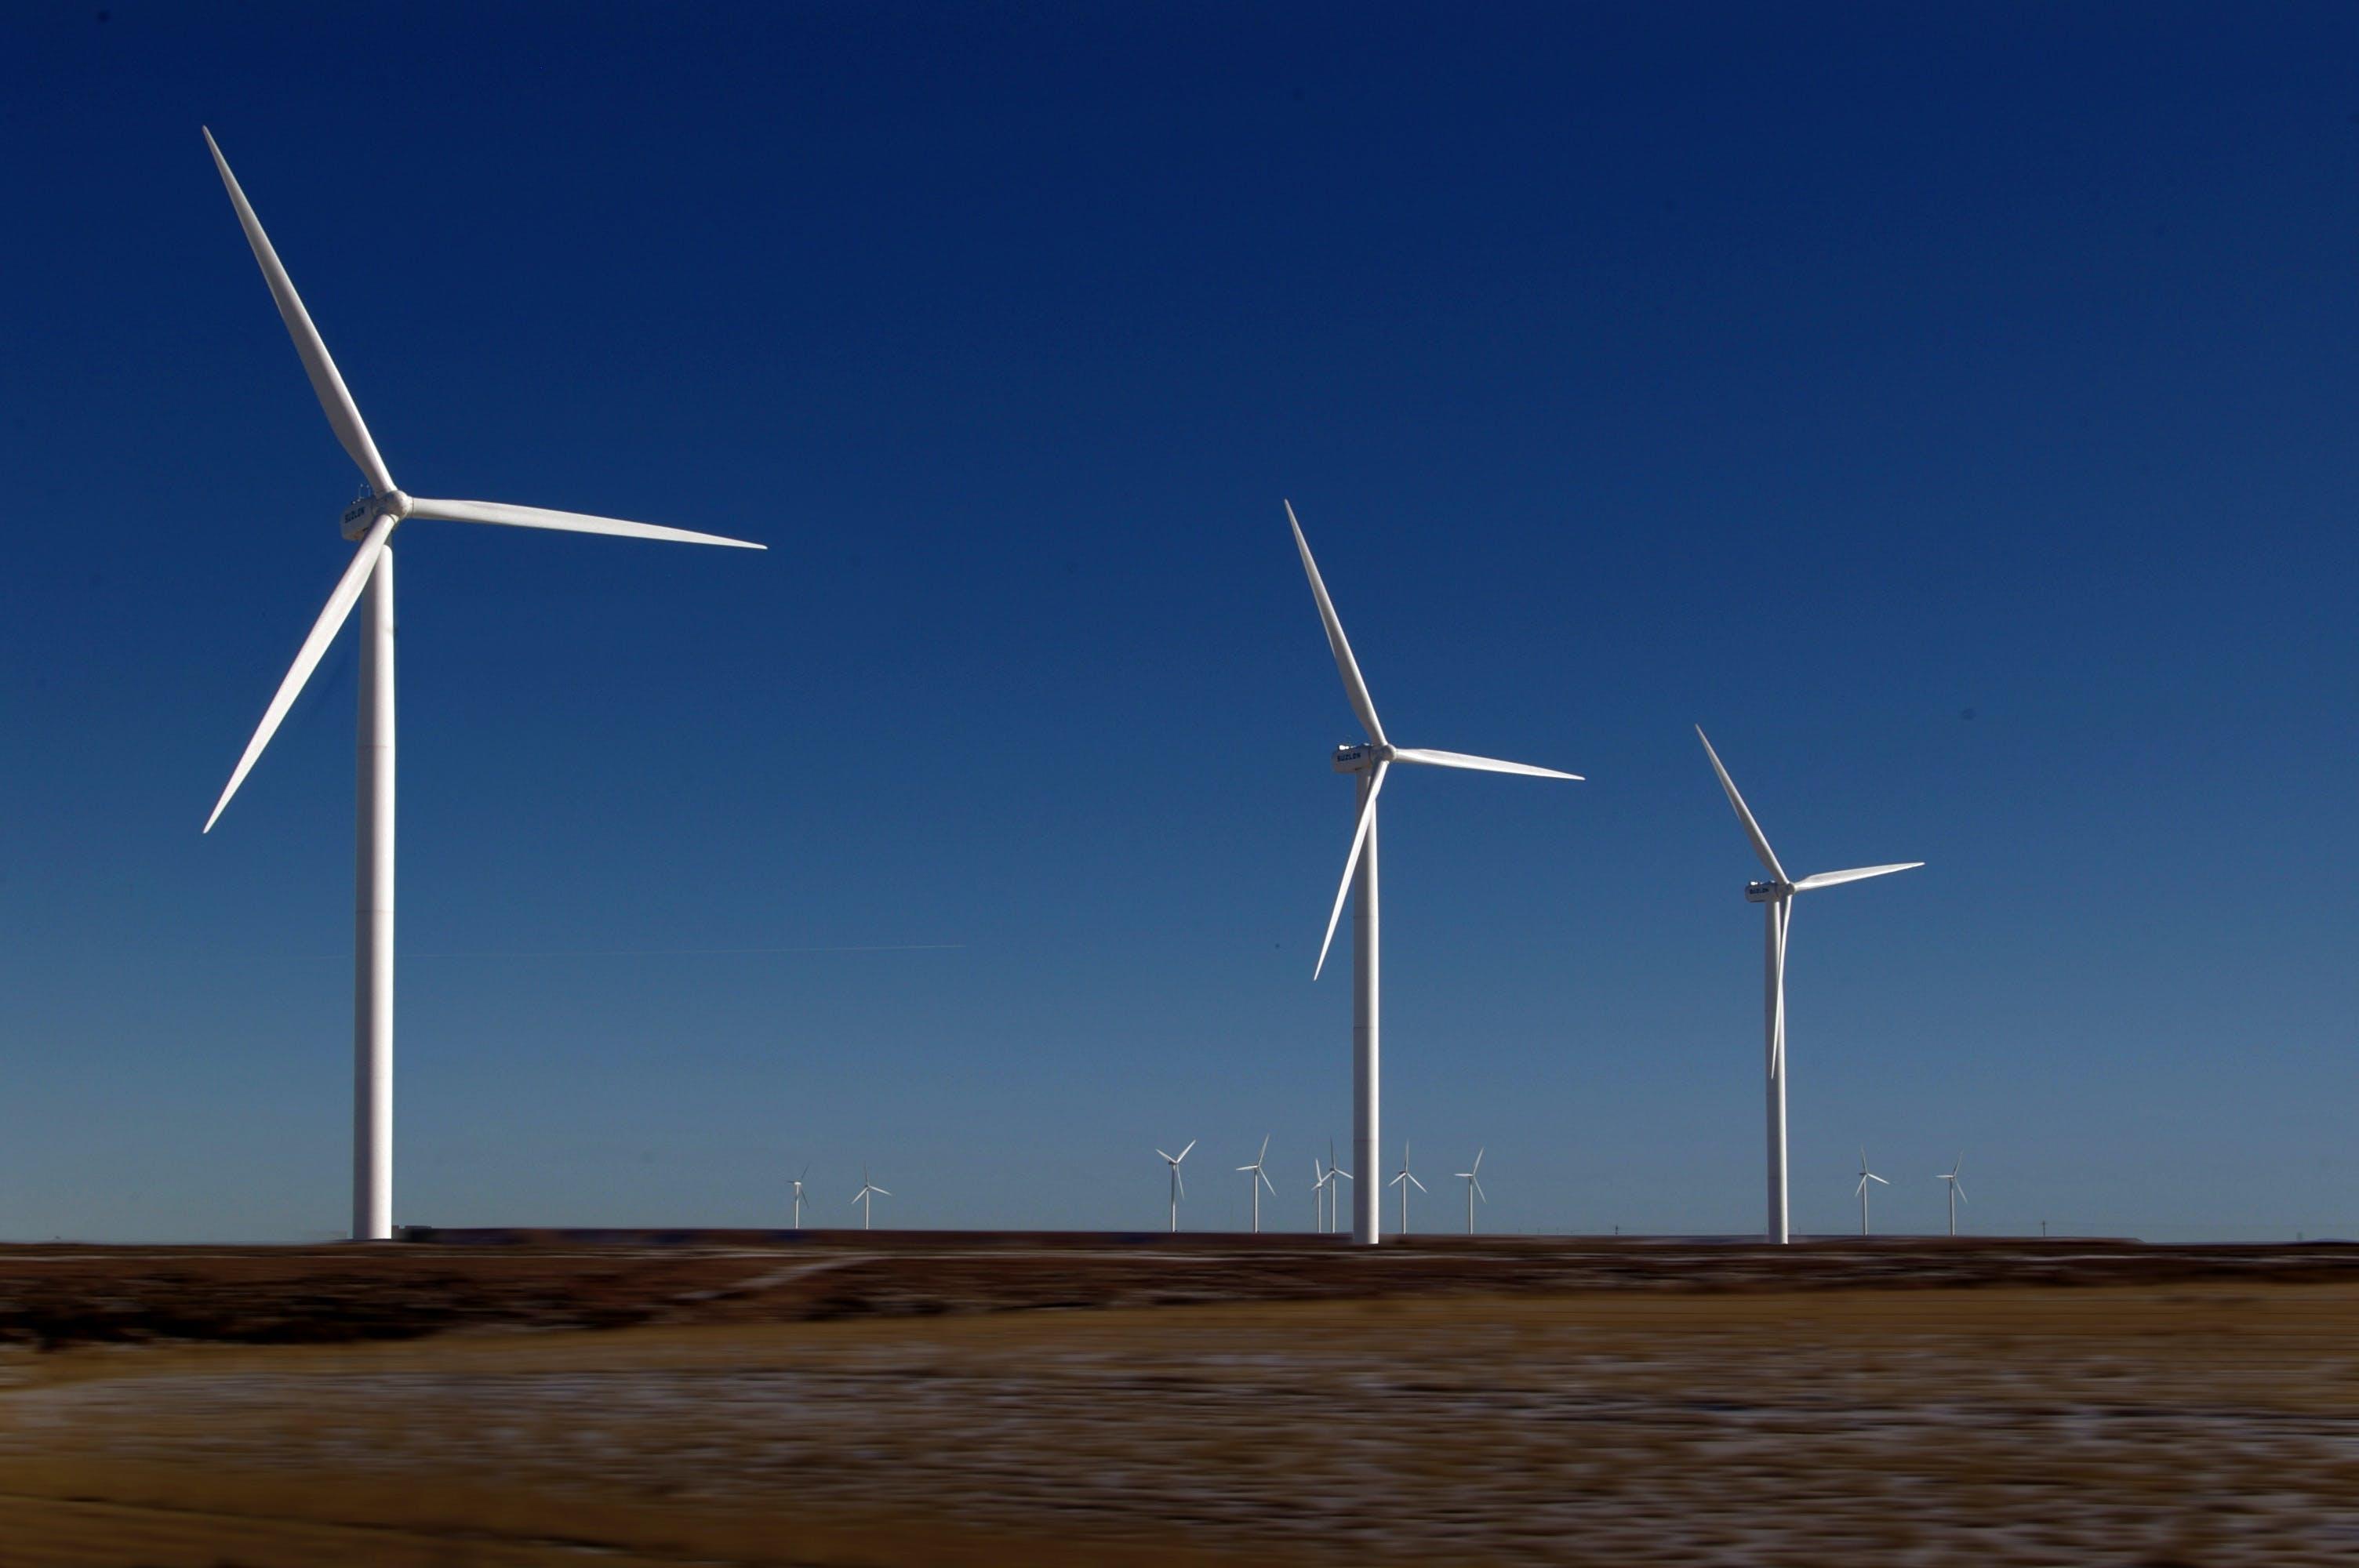 Kostenloses Stock Foto zu alternative, alternative energie, außerorts, draußen